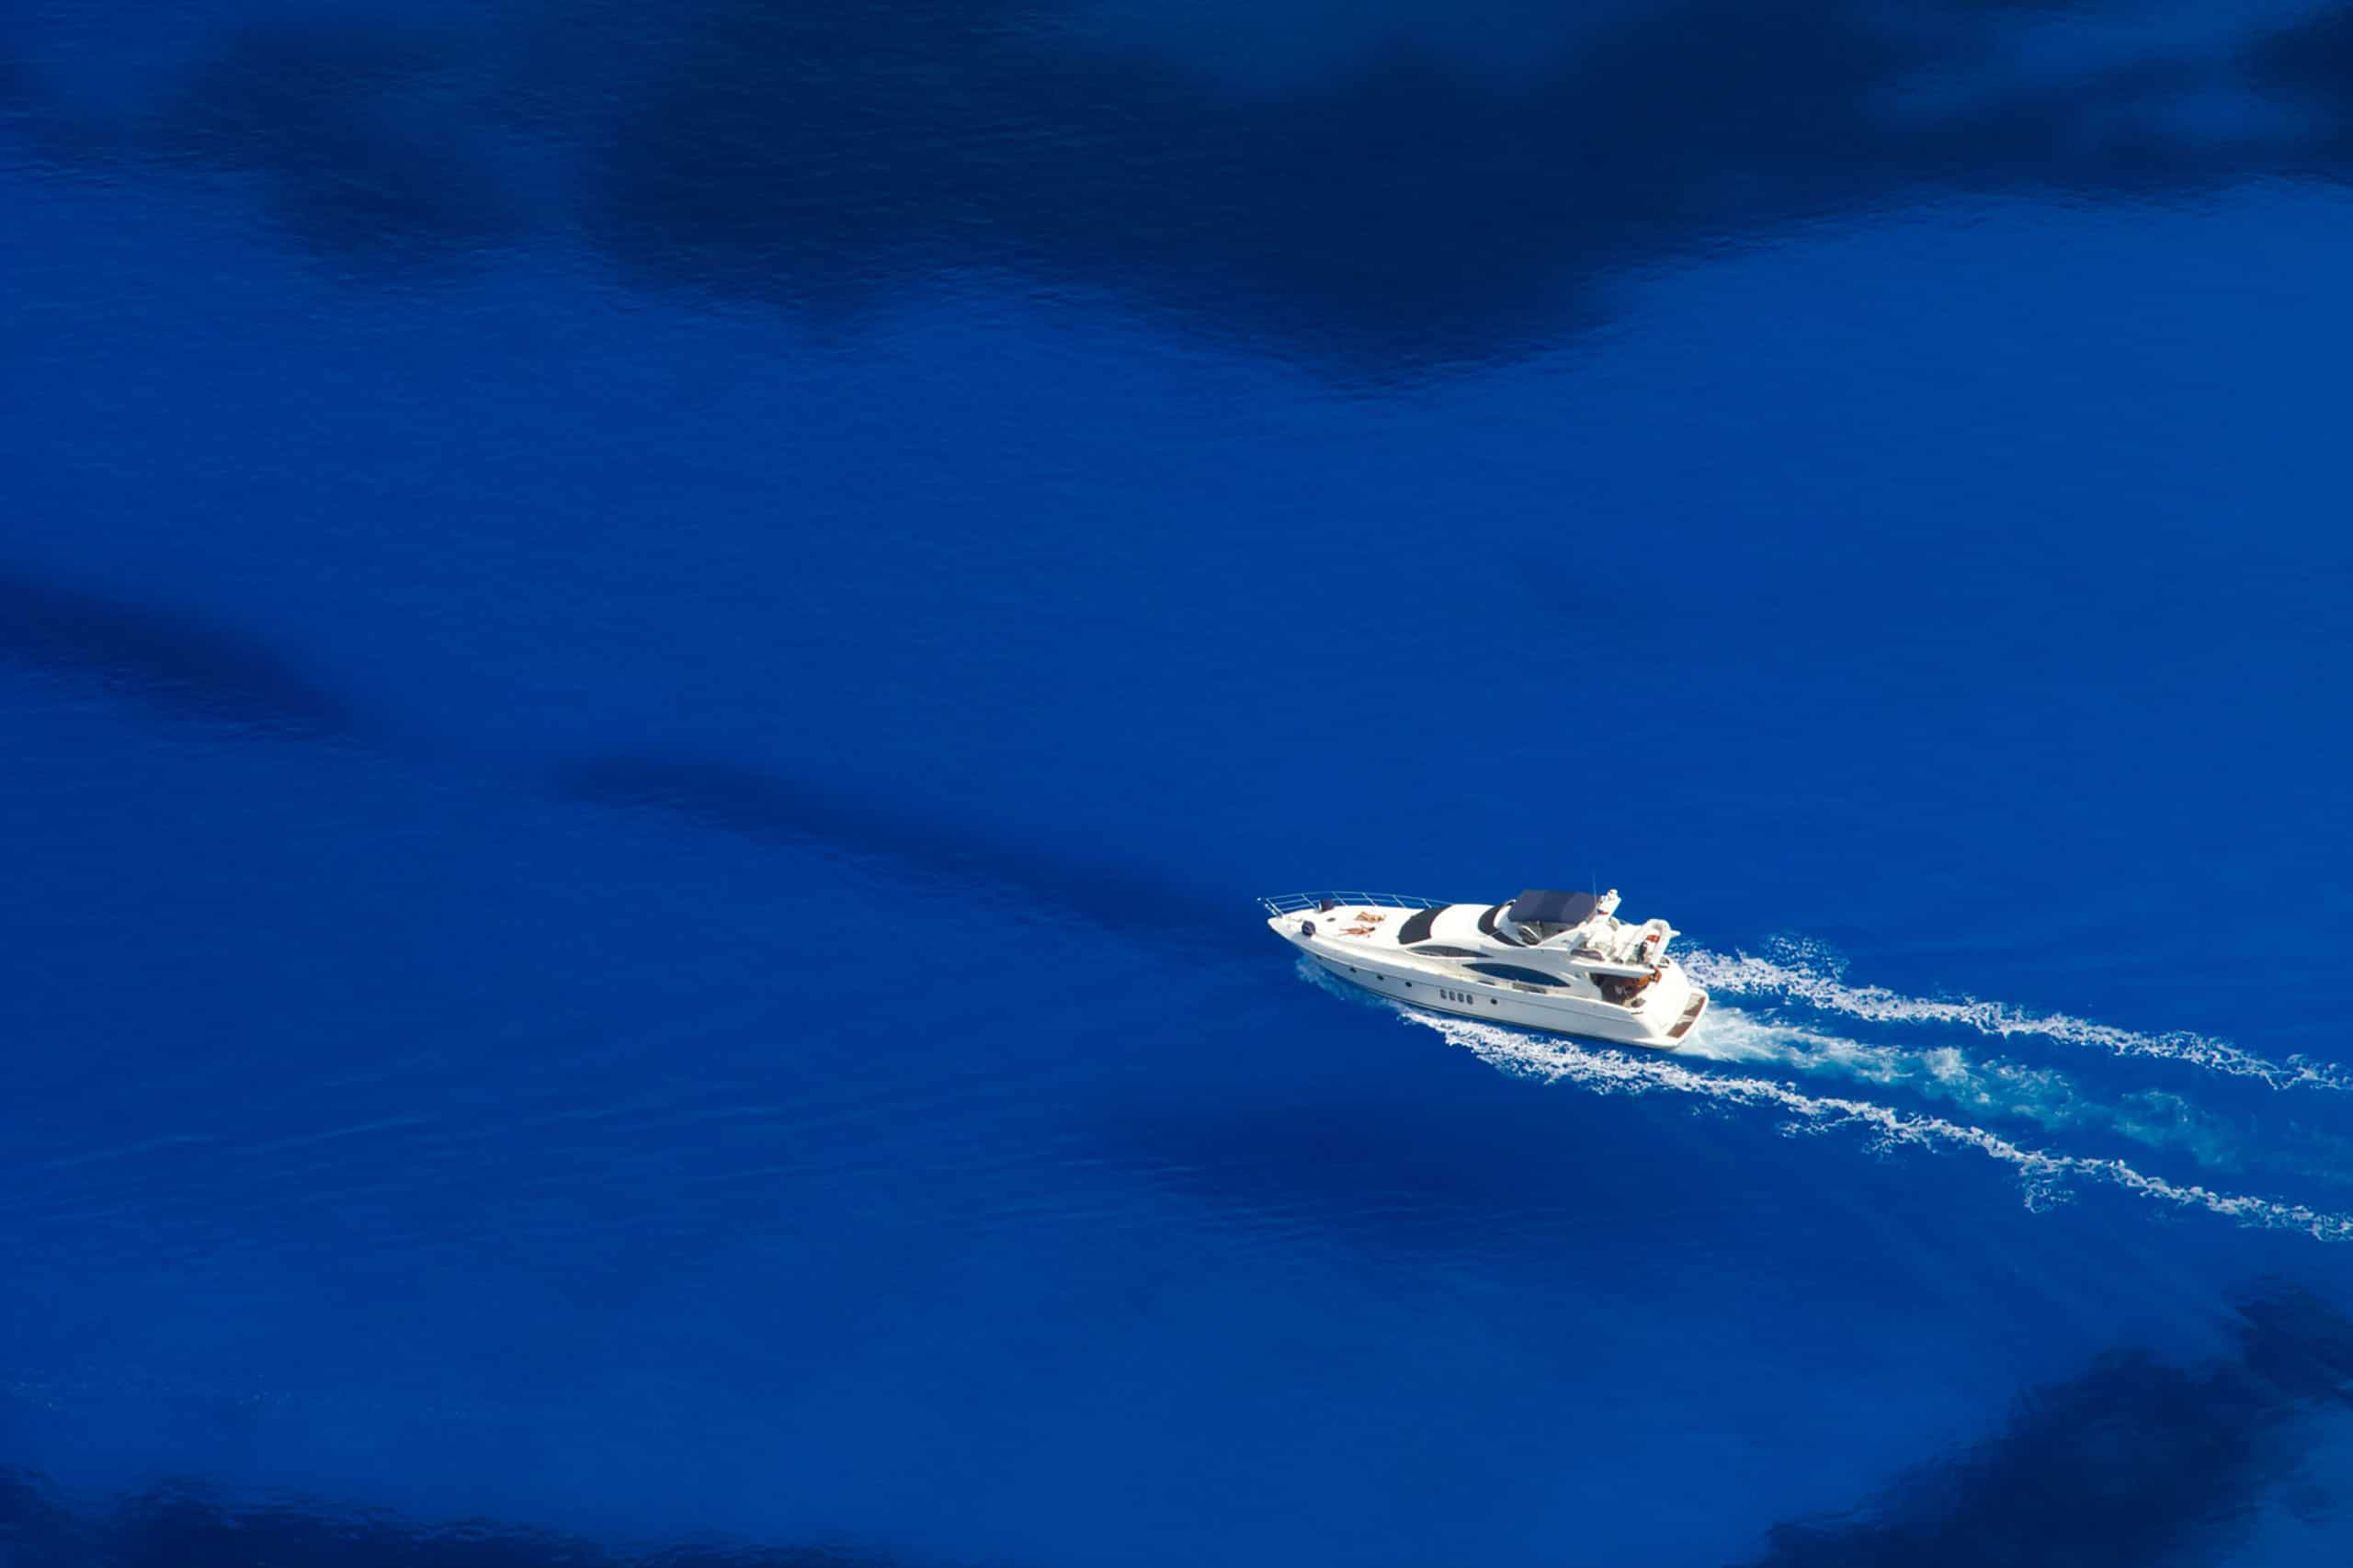 Seguro de embarcación de recreo